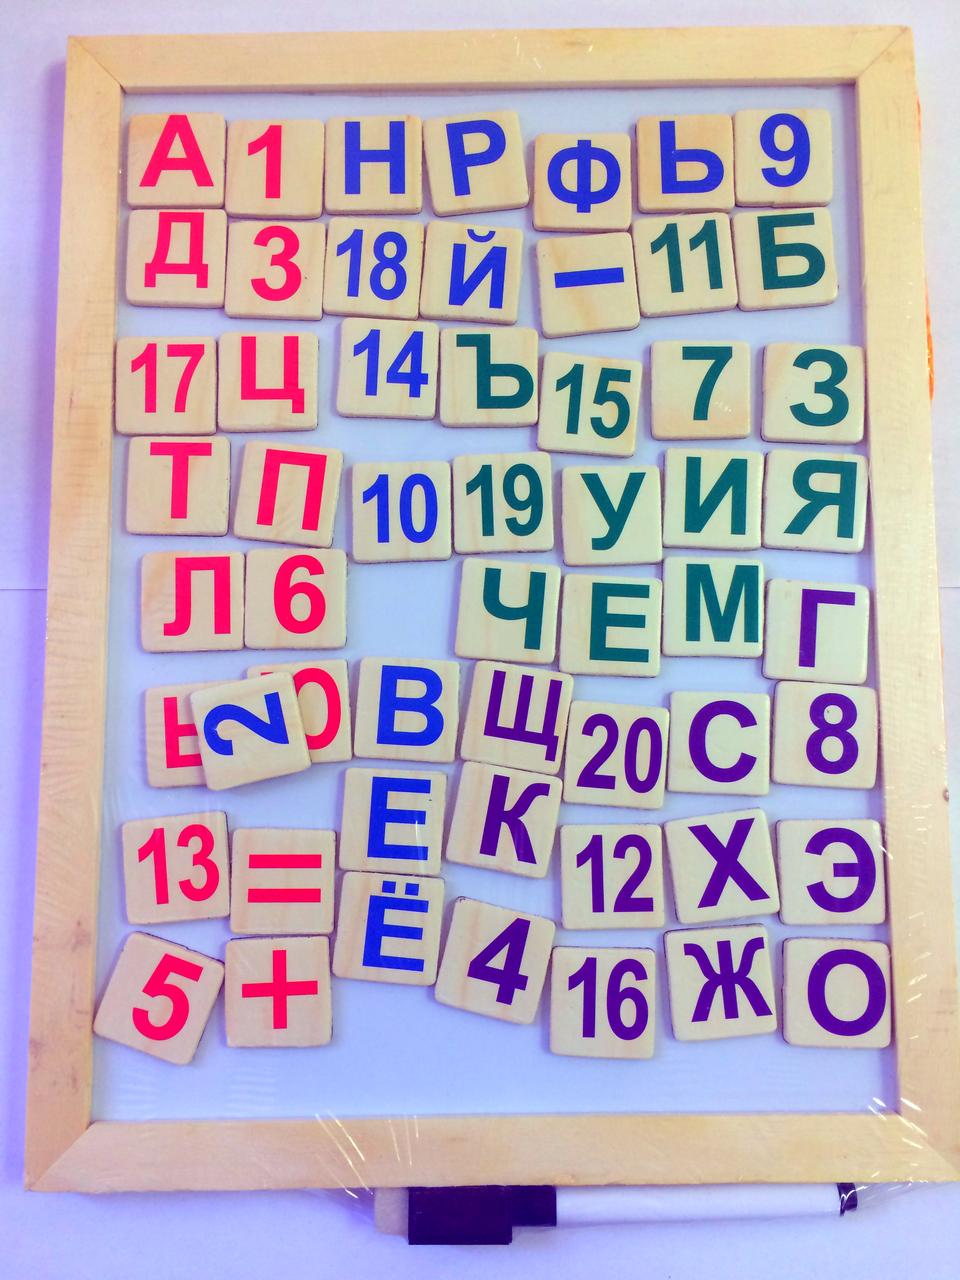 Дерев'яна абетка. Російський алфавіт. Дерев'яна дошка для малювання. Дерев'яна магнітна дошка